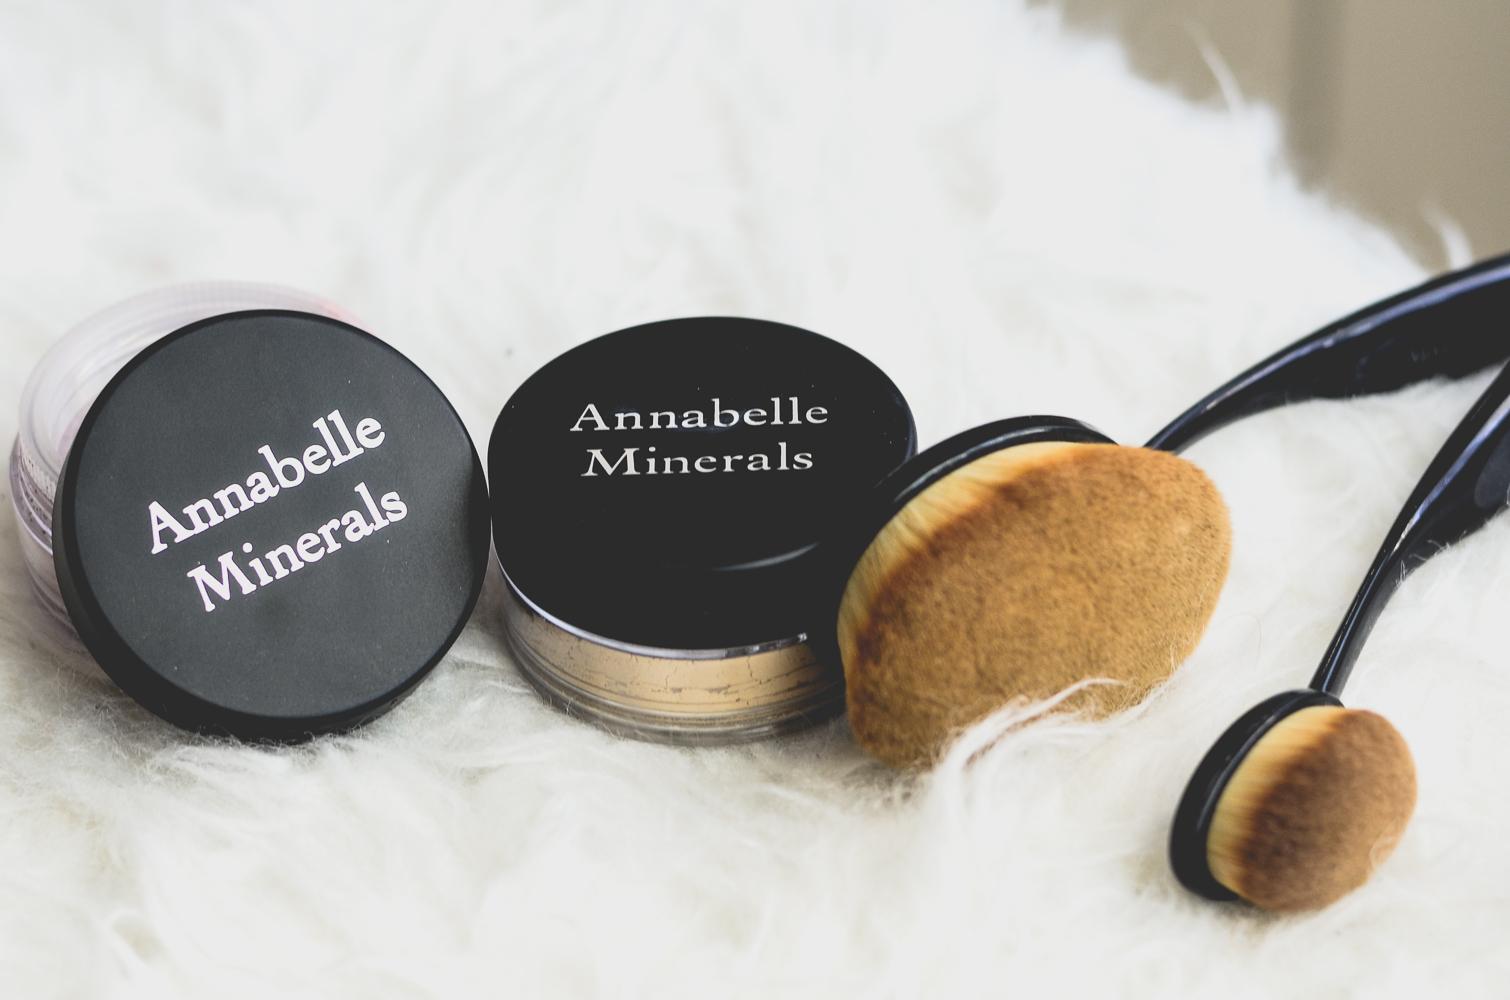 annabelle minerals kosmetyki naturalne recenzja blog